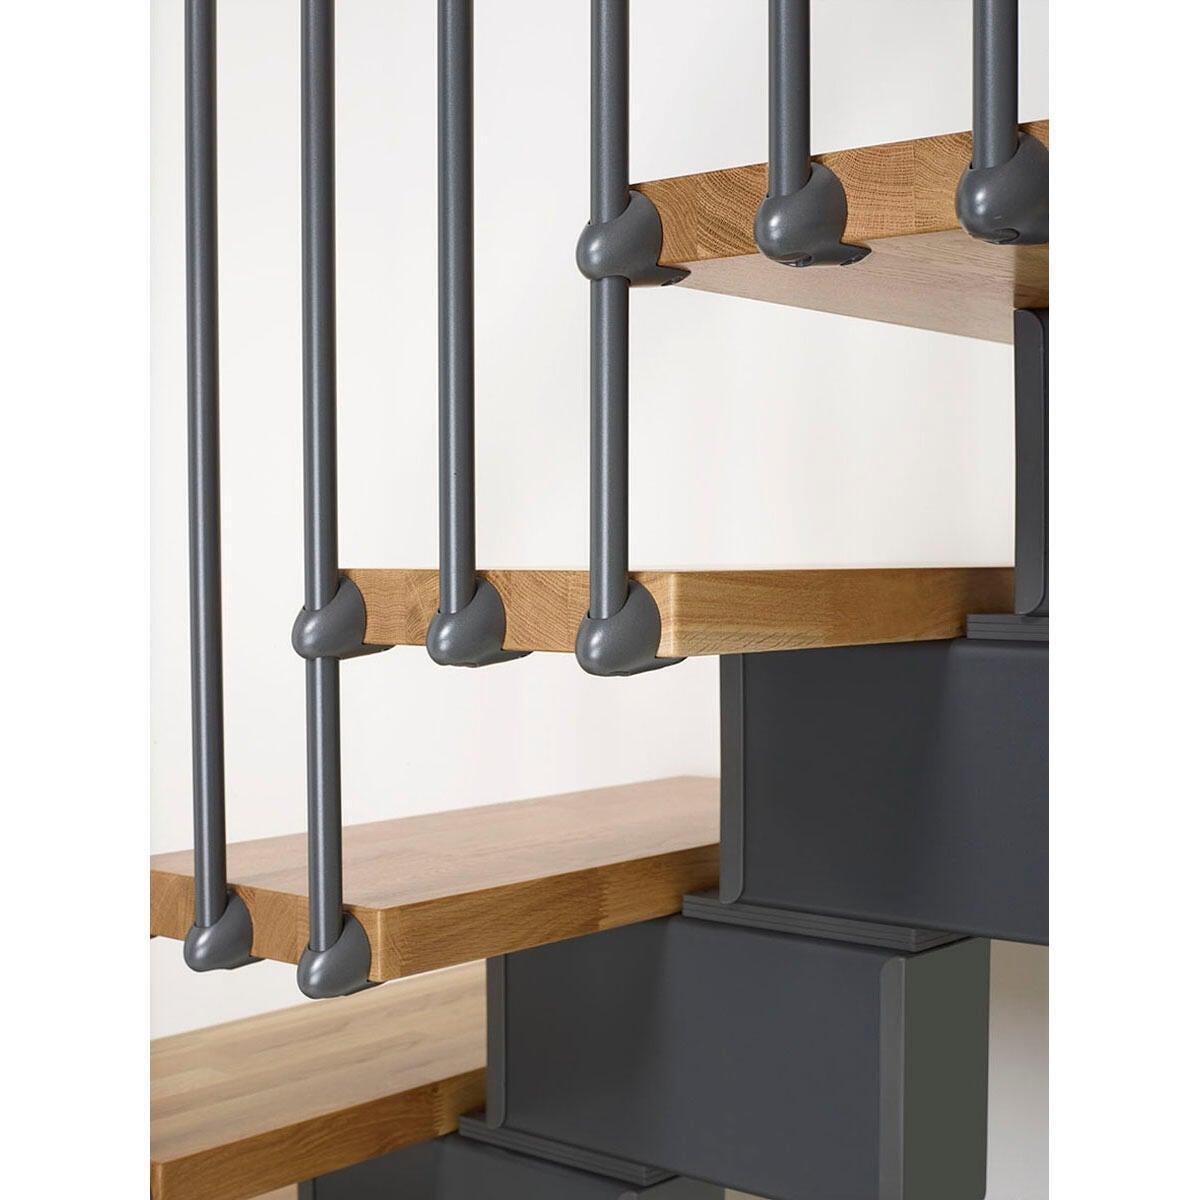 Scala a rampa due quarti di giro Oak FONTANOT L 90 cm, gradino rovere, struttura antracite - 2